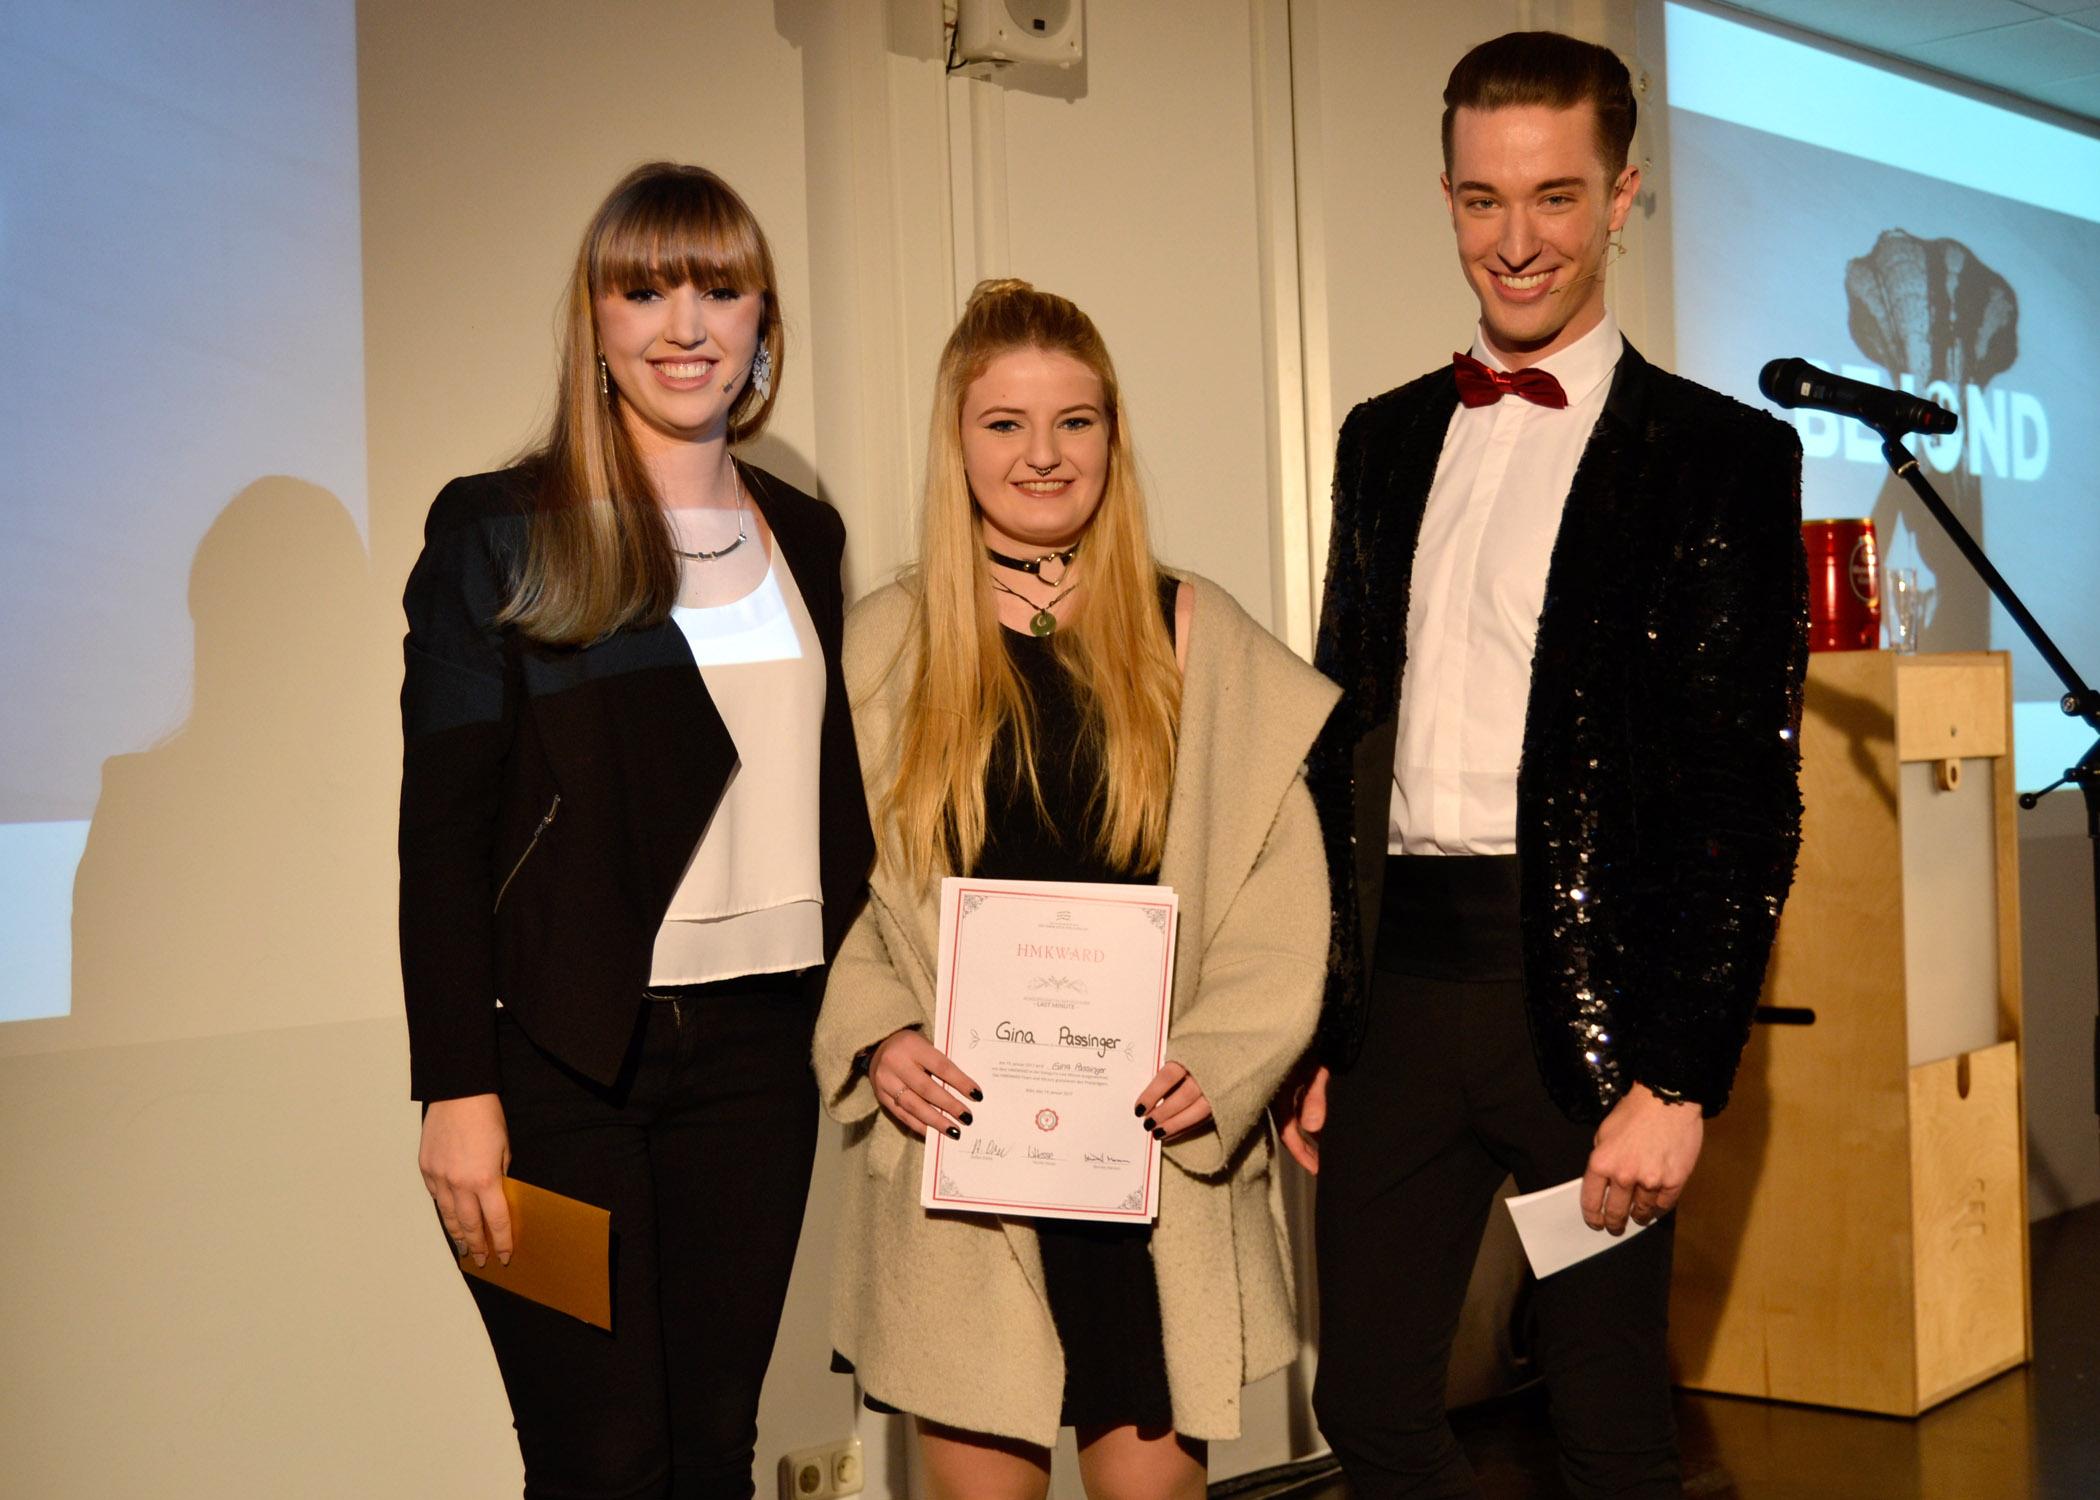 """Den Publikumspreis der Kategorie """"Last Minute"""" erhielten die HMKW-Studierenden Gina Passinger, Cathy Thill und Thilo Wilcke."""